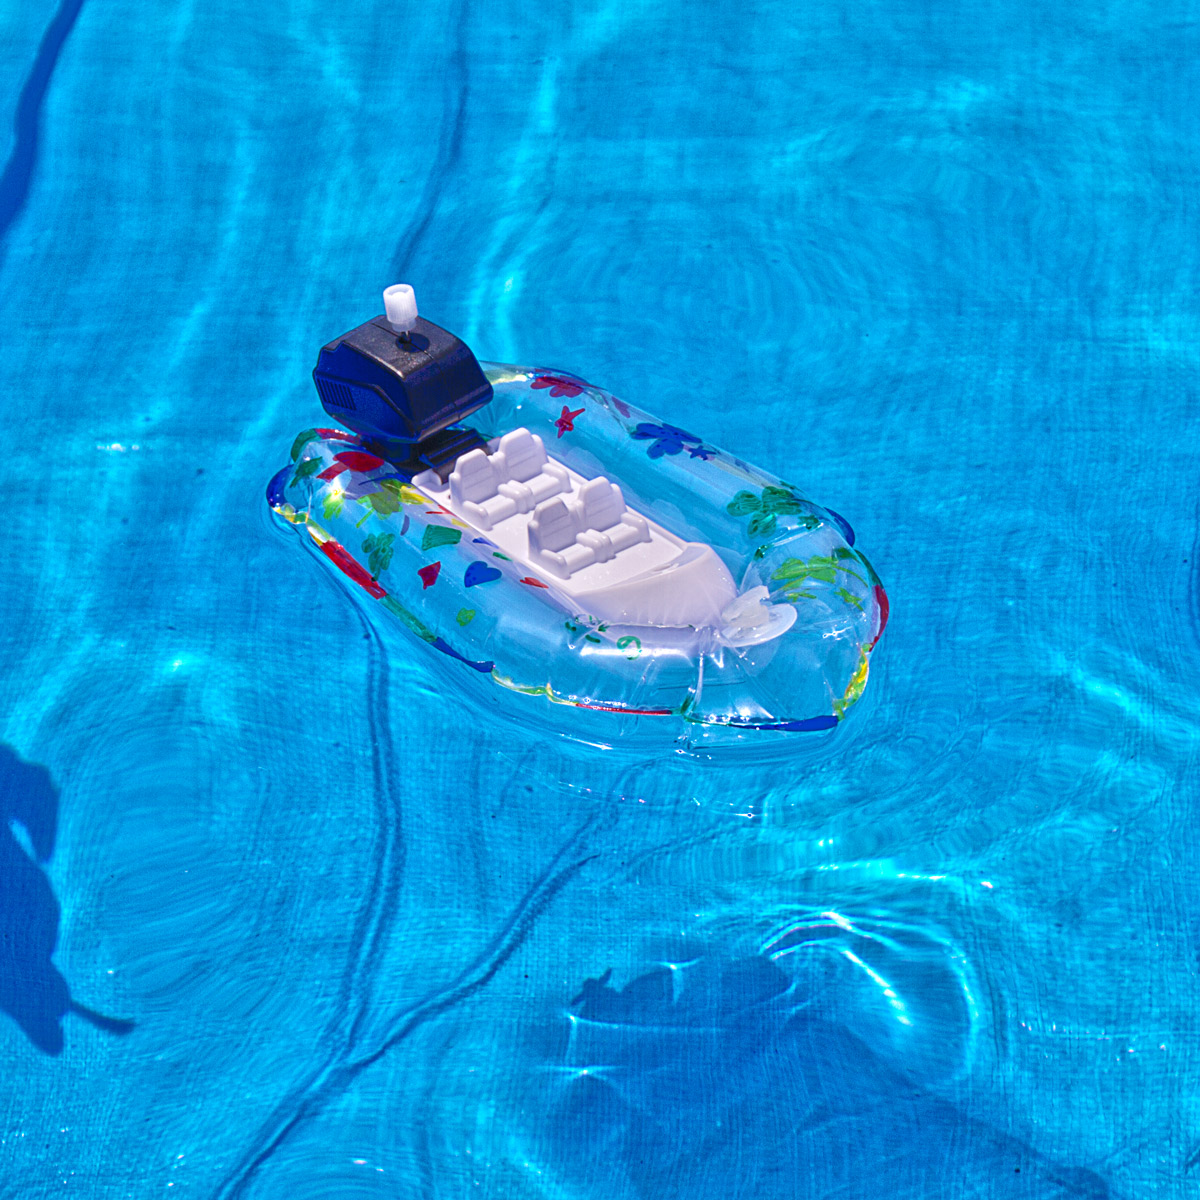 空中に浮いているように見えるボート